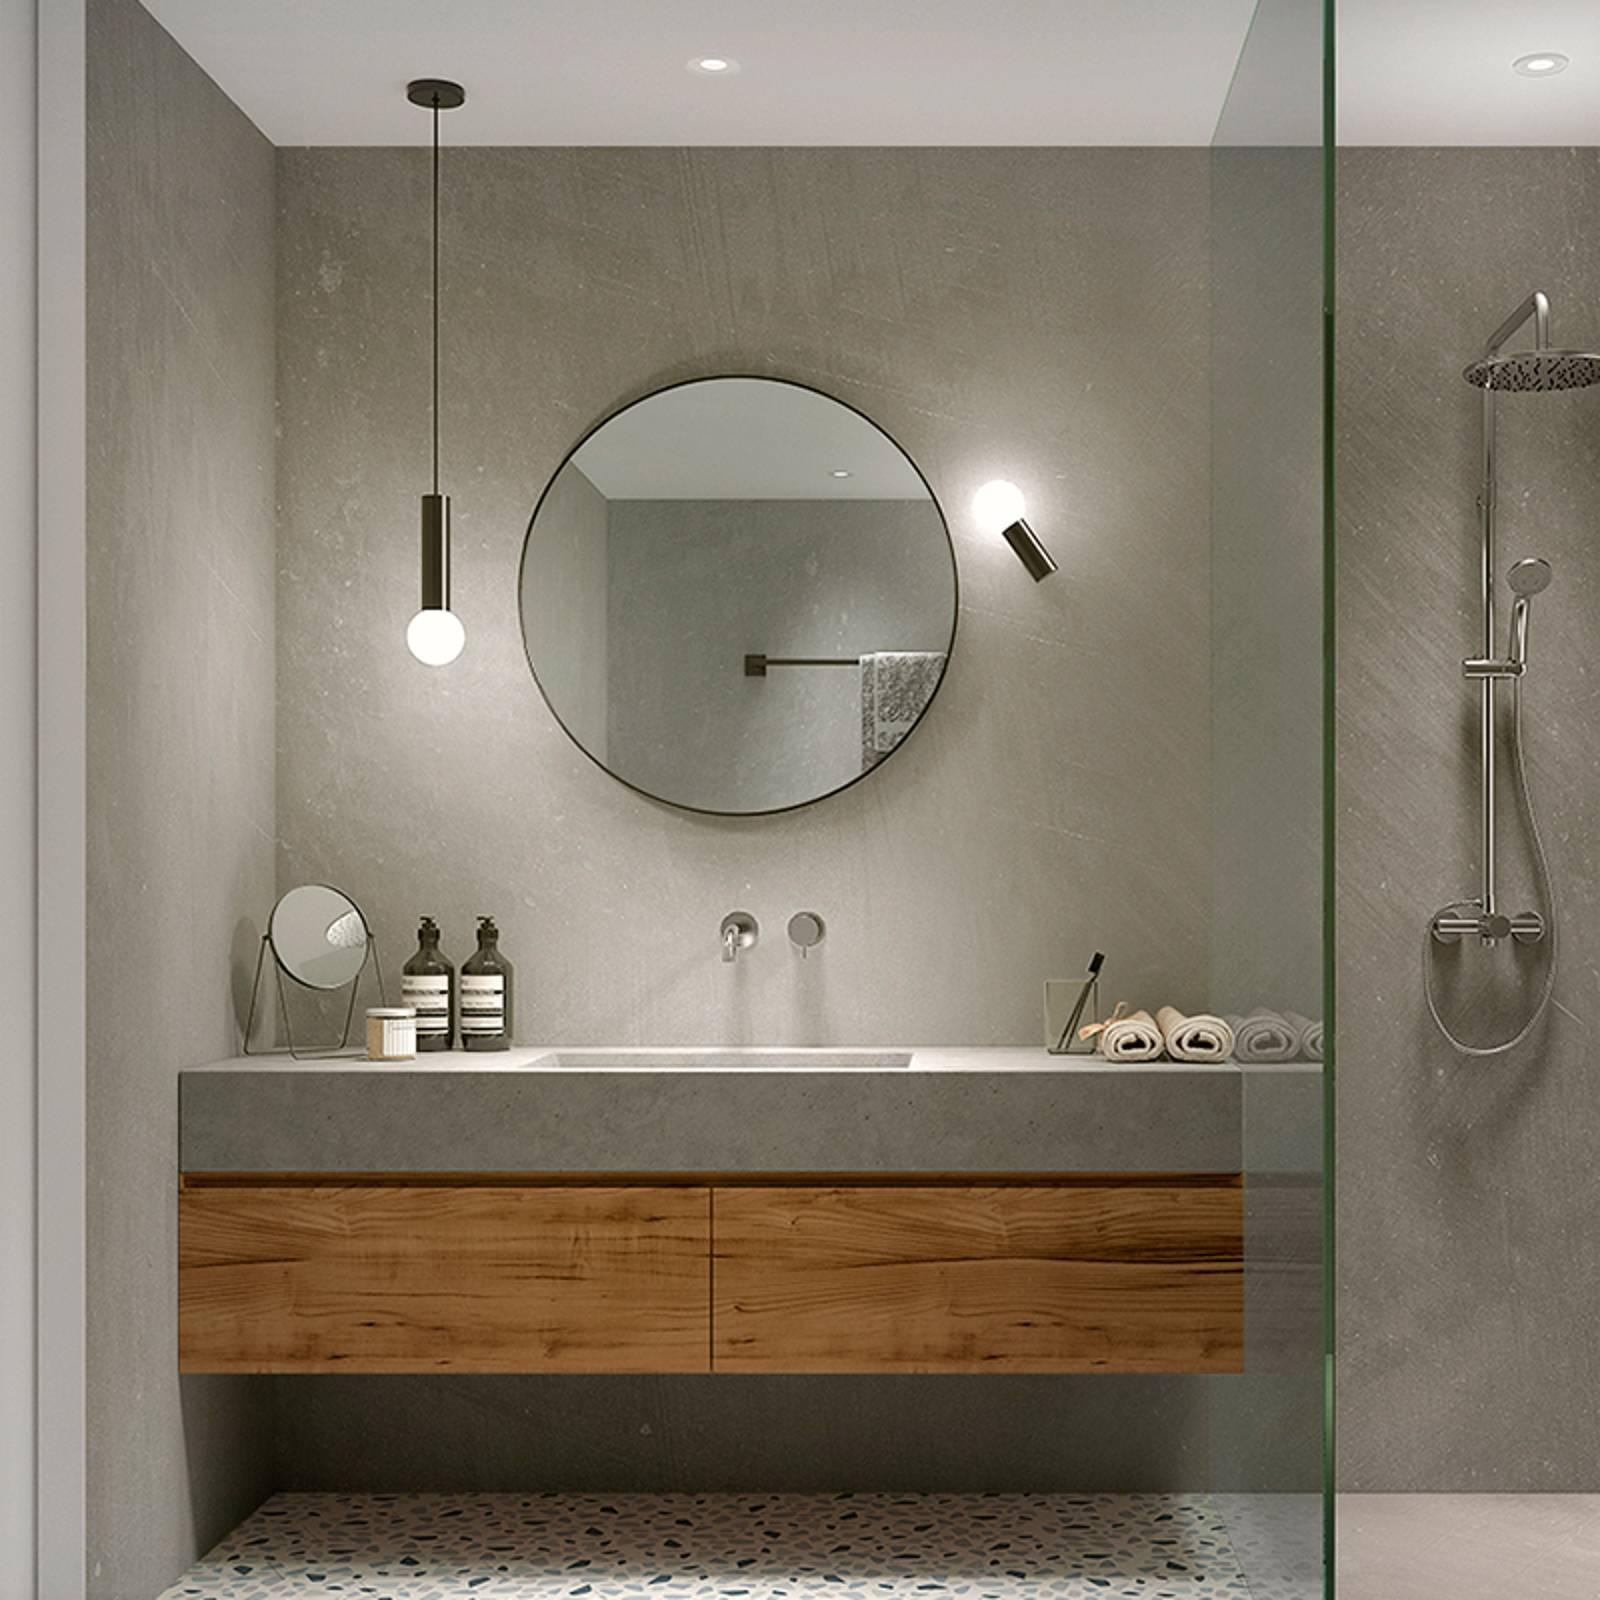 LEDS-C4 Mist, kylpyhuoneen seinälamppu, kromi